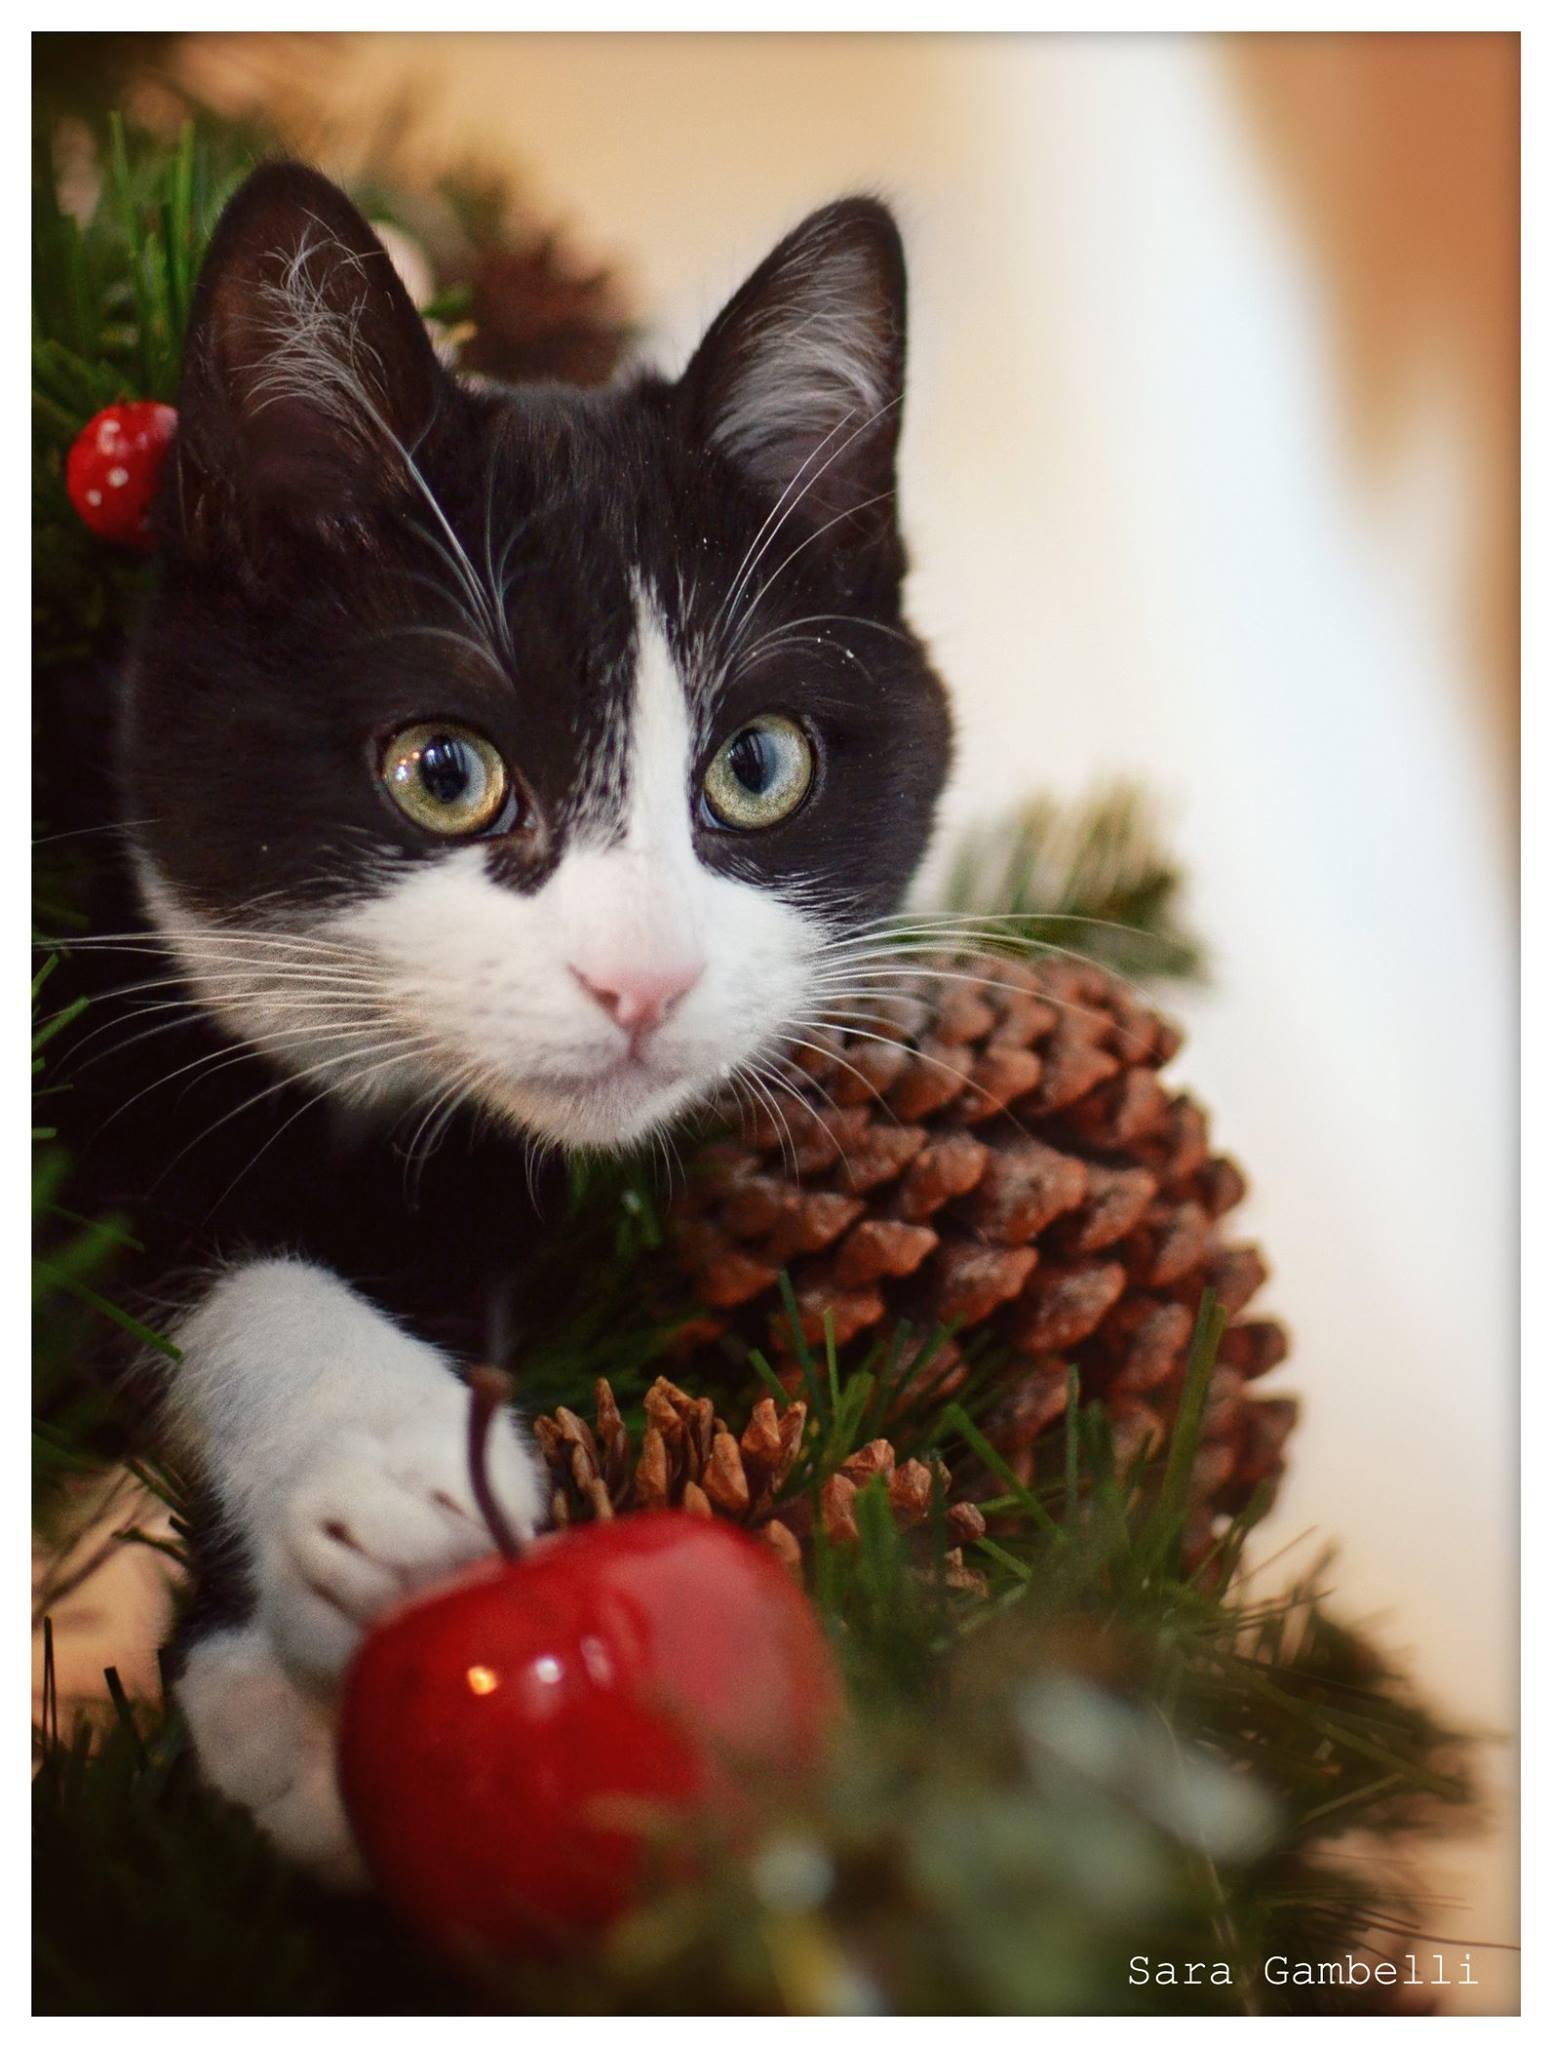 Immagini Natale Con Gatti.I Nostri Migliori Auguri Di Buon Natale Con Le Foto Canine E